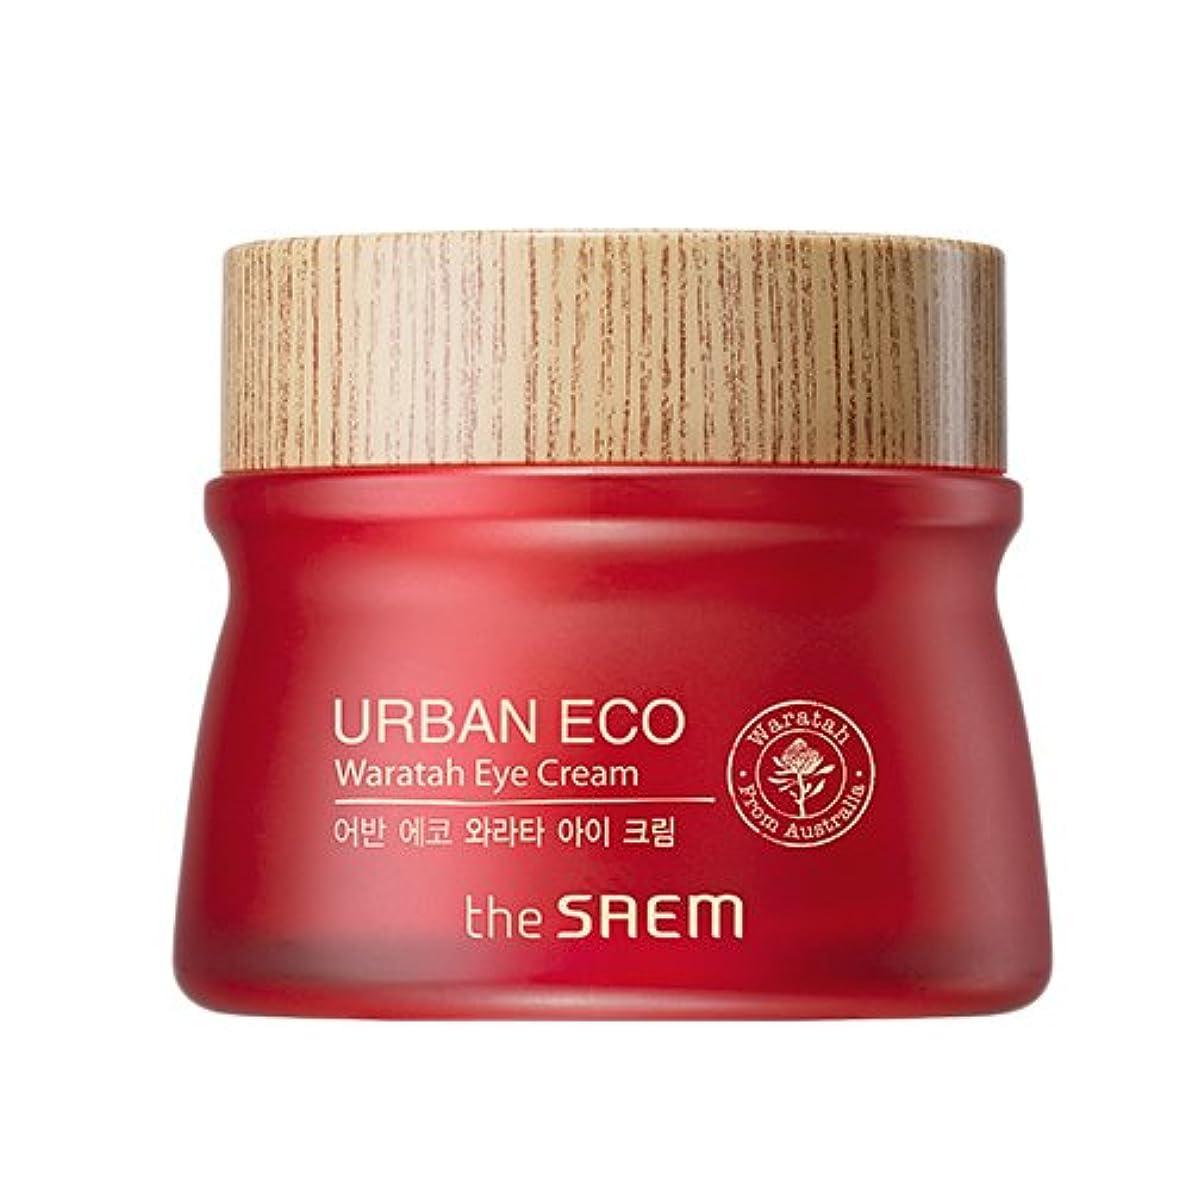 頂点ロールできたドセム アーバンエコワラターアイクリーム 30ml Urban Eco Waratah Eye Cream [並行輸入品]